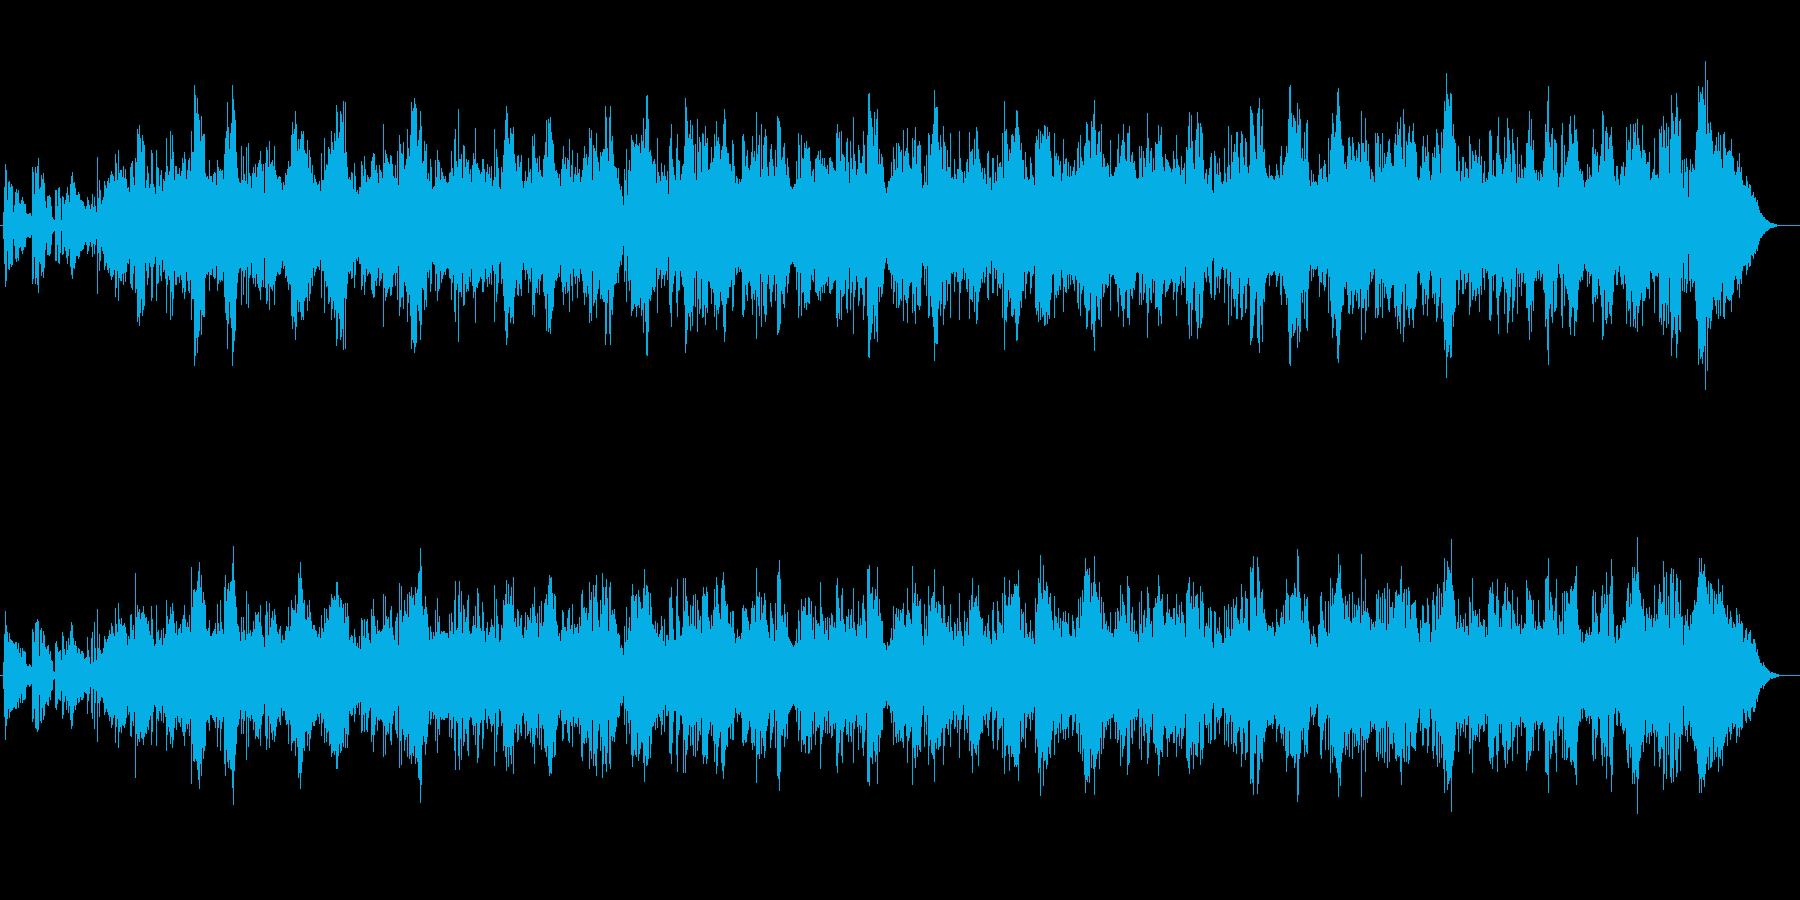 明るい透明感シンセサイザーサウンドの再生済みの波形